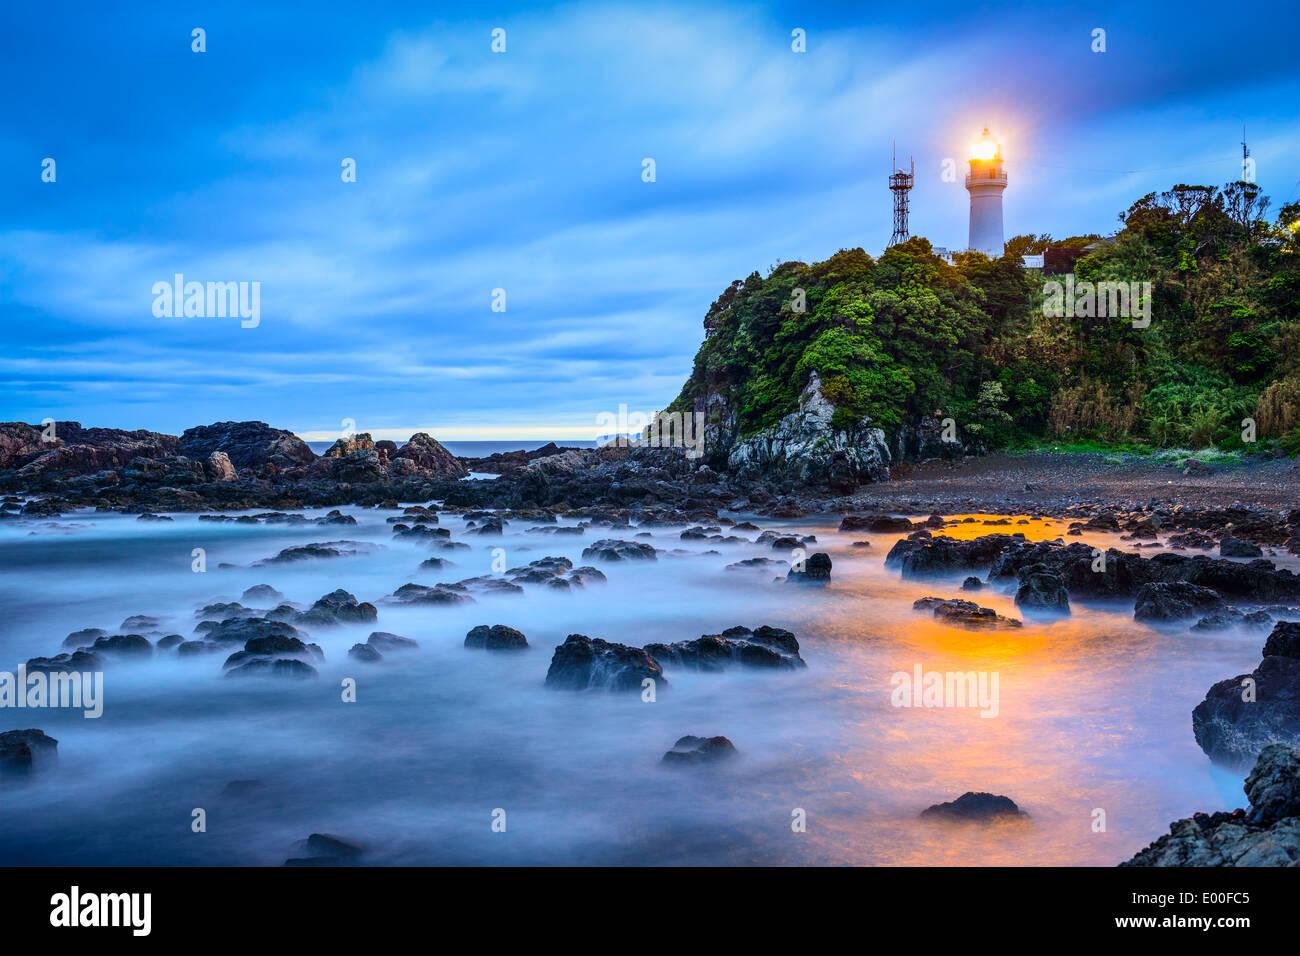 Shionomisaki Kushimoto, cap, au Japon. La marque le point le plus au sud de Honshu, l'île principale du Japon. Banque D'Images